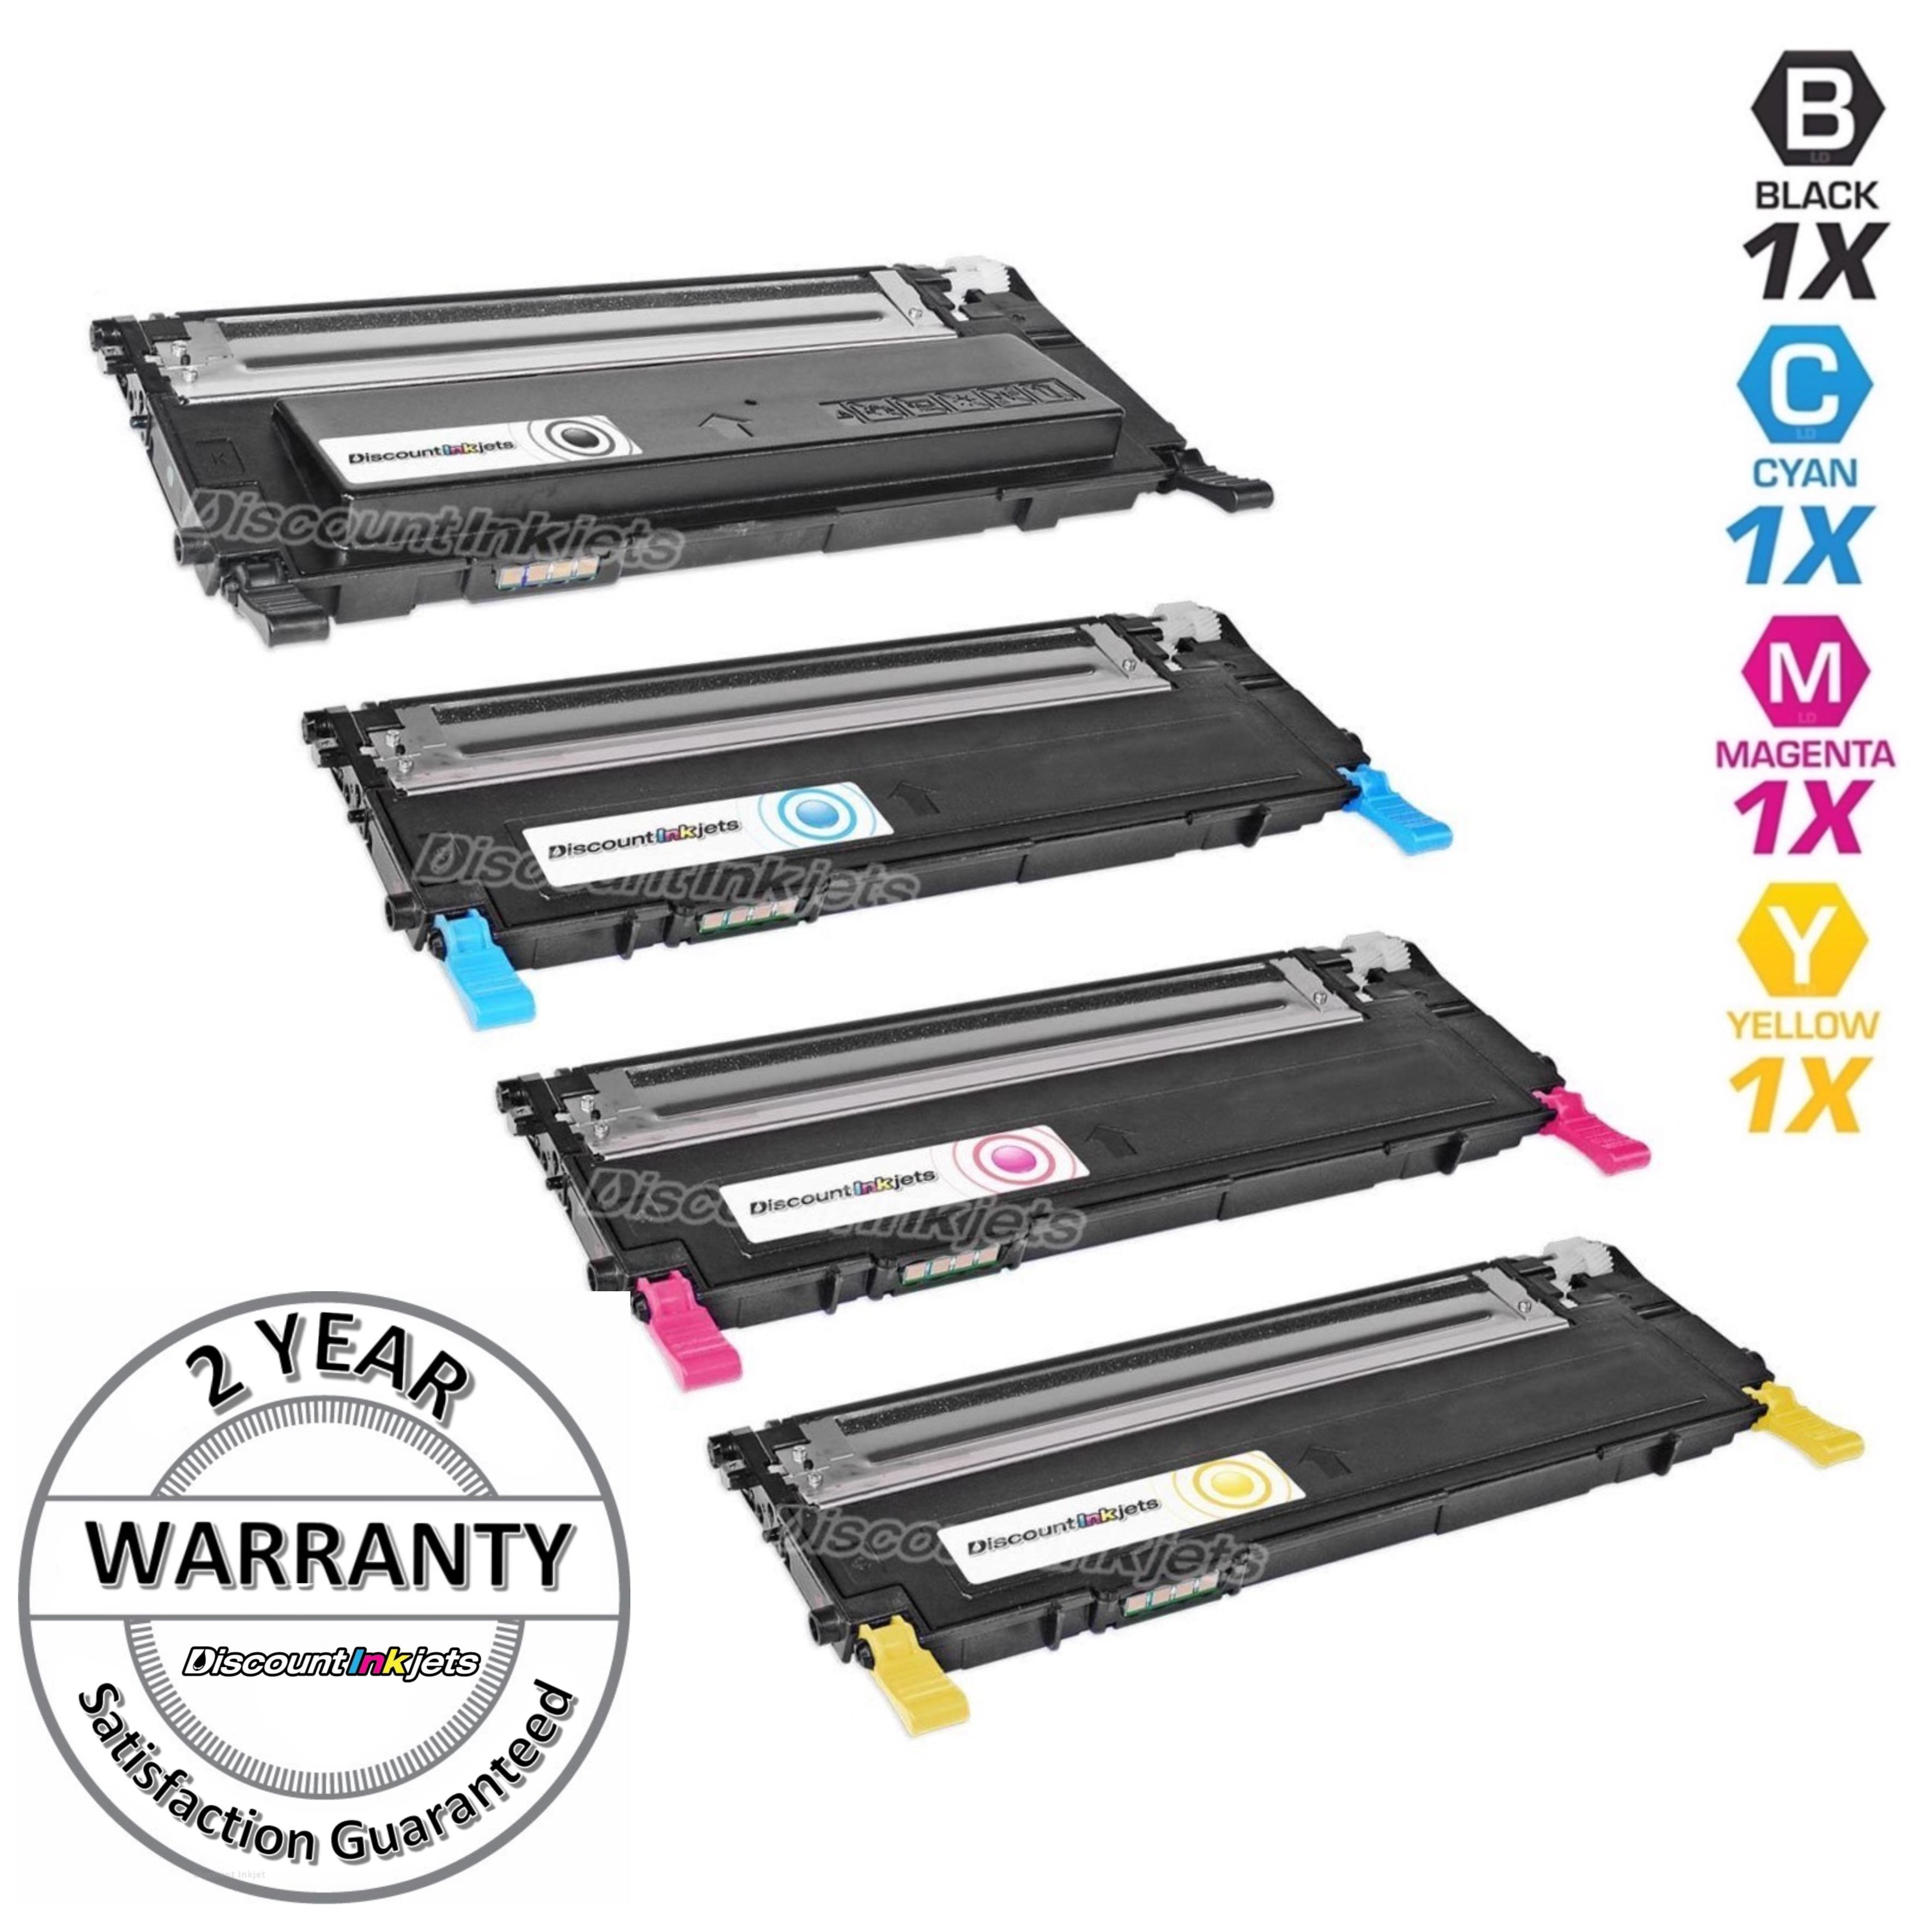 Genuine HP C9384A 72 Matte Black /& Yellow Printhead Designjet T610 T1100 EXP2013